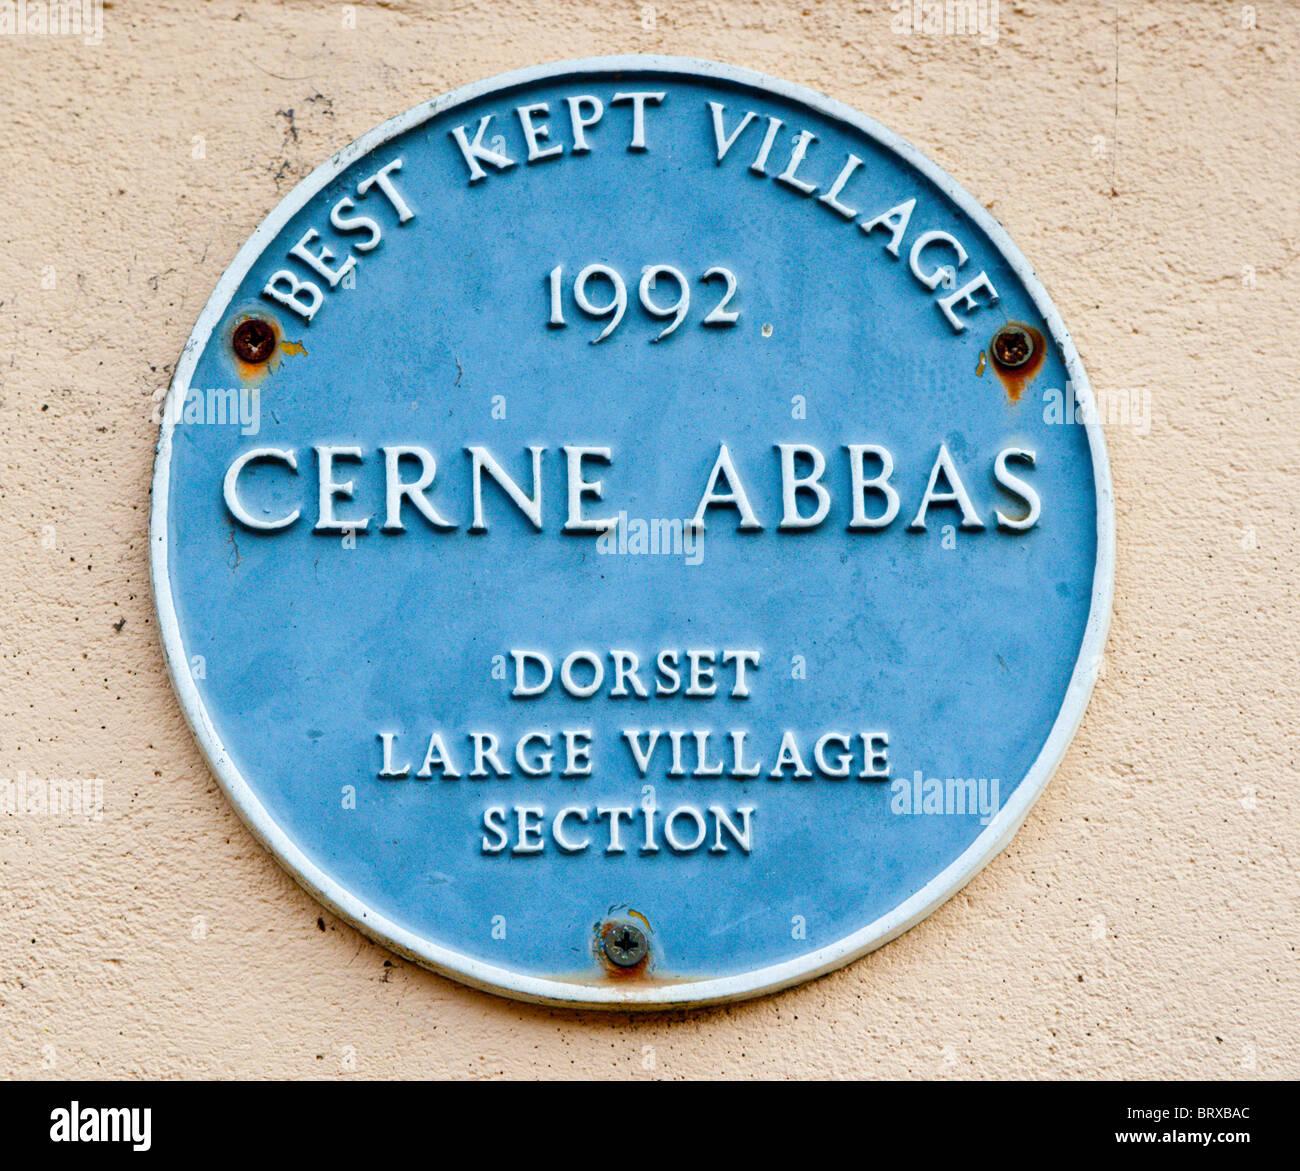 Cerne Abbas Best Kept Village Plaque 1992 - Stock Image